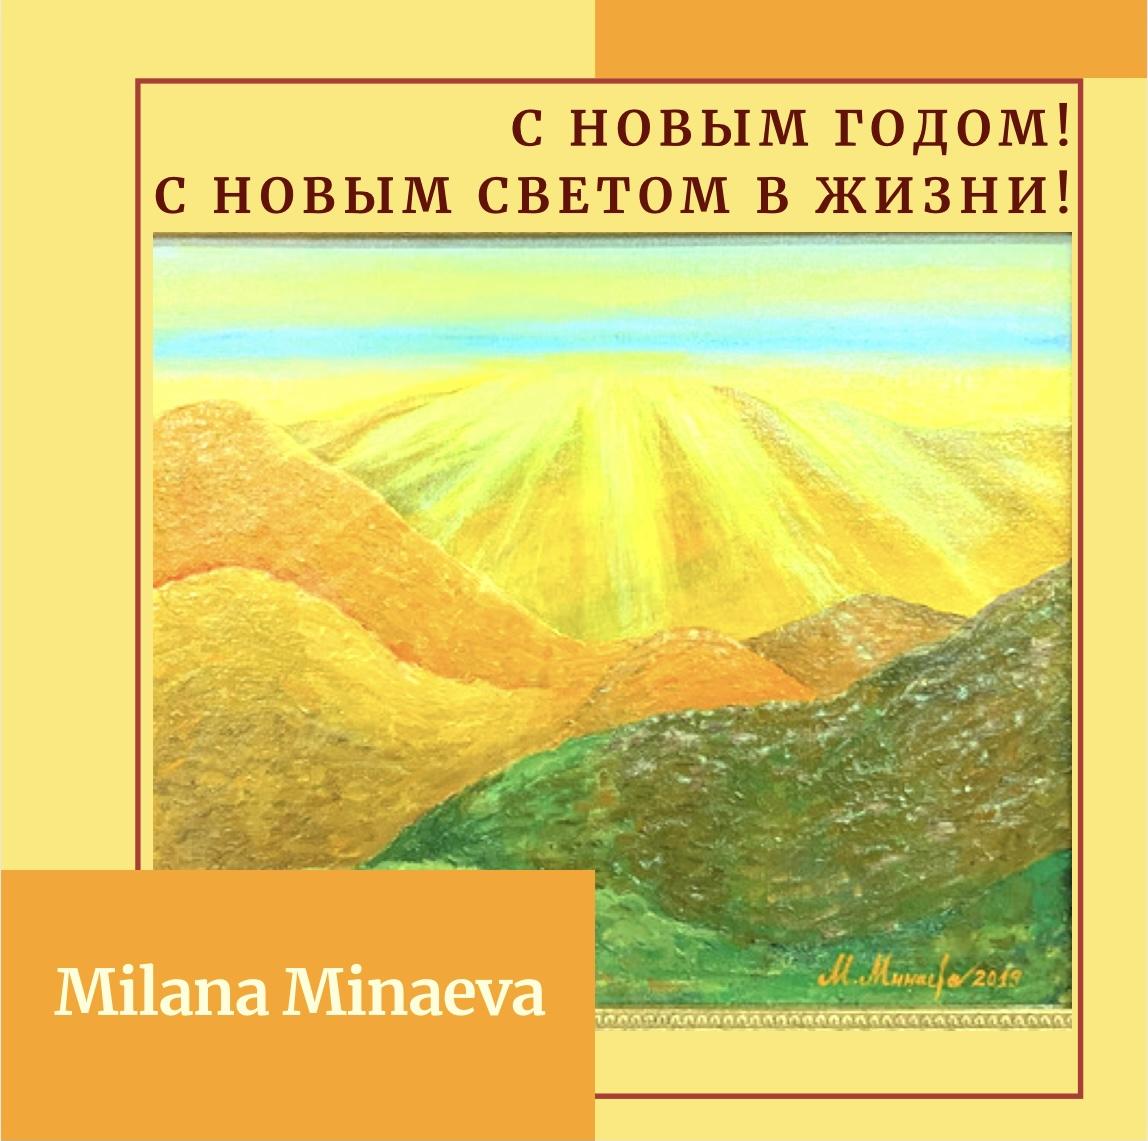 Милана Минаева - картина